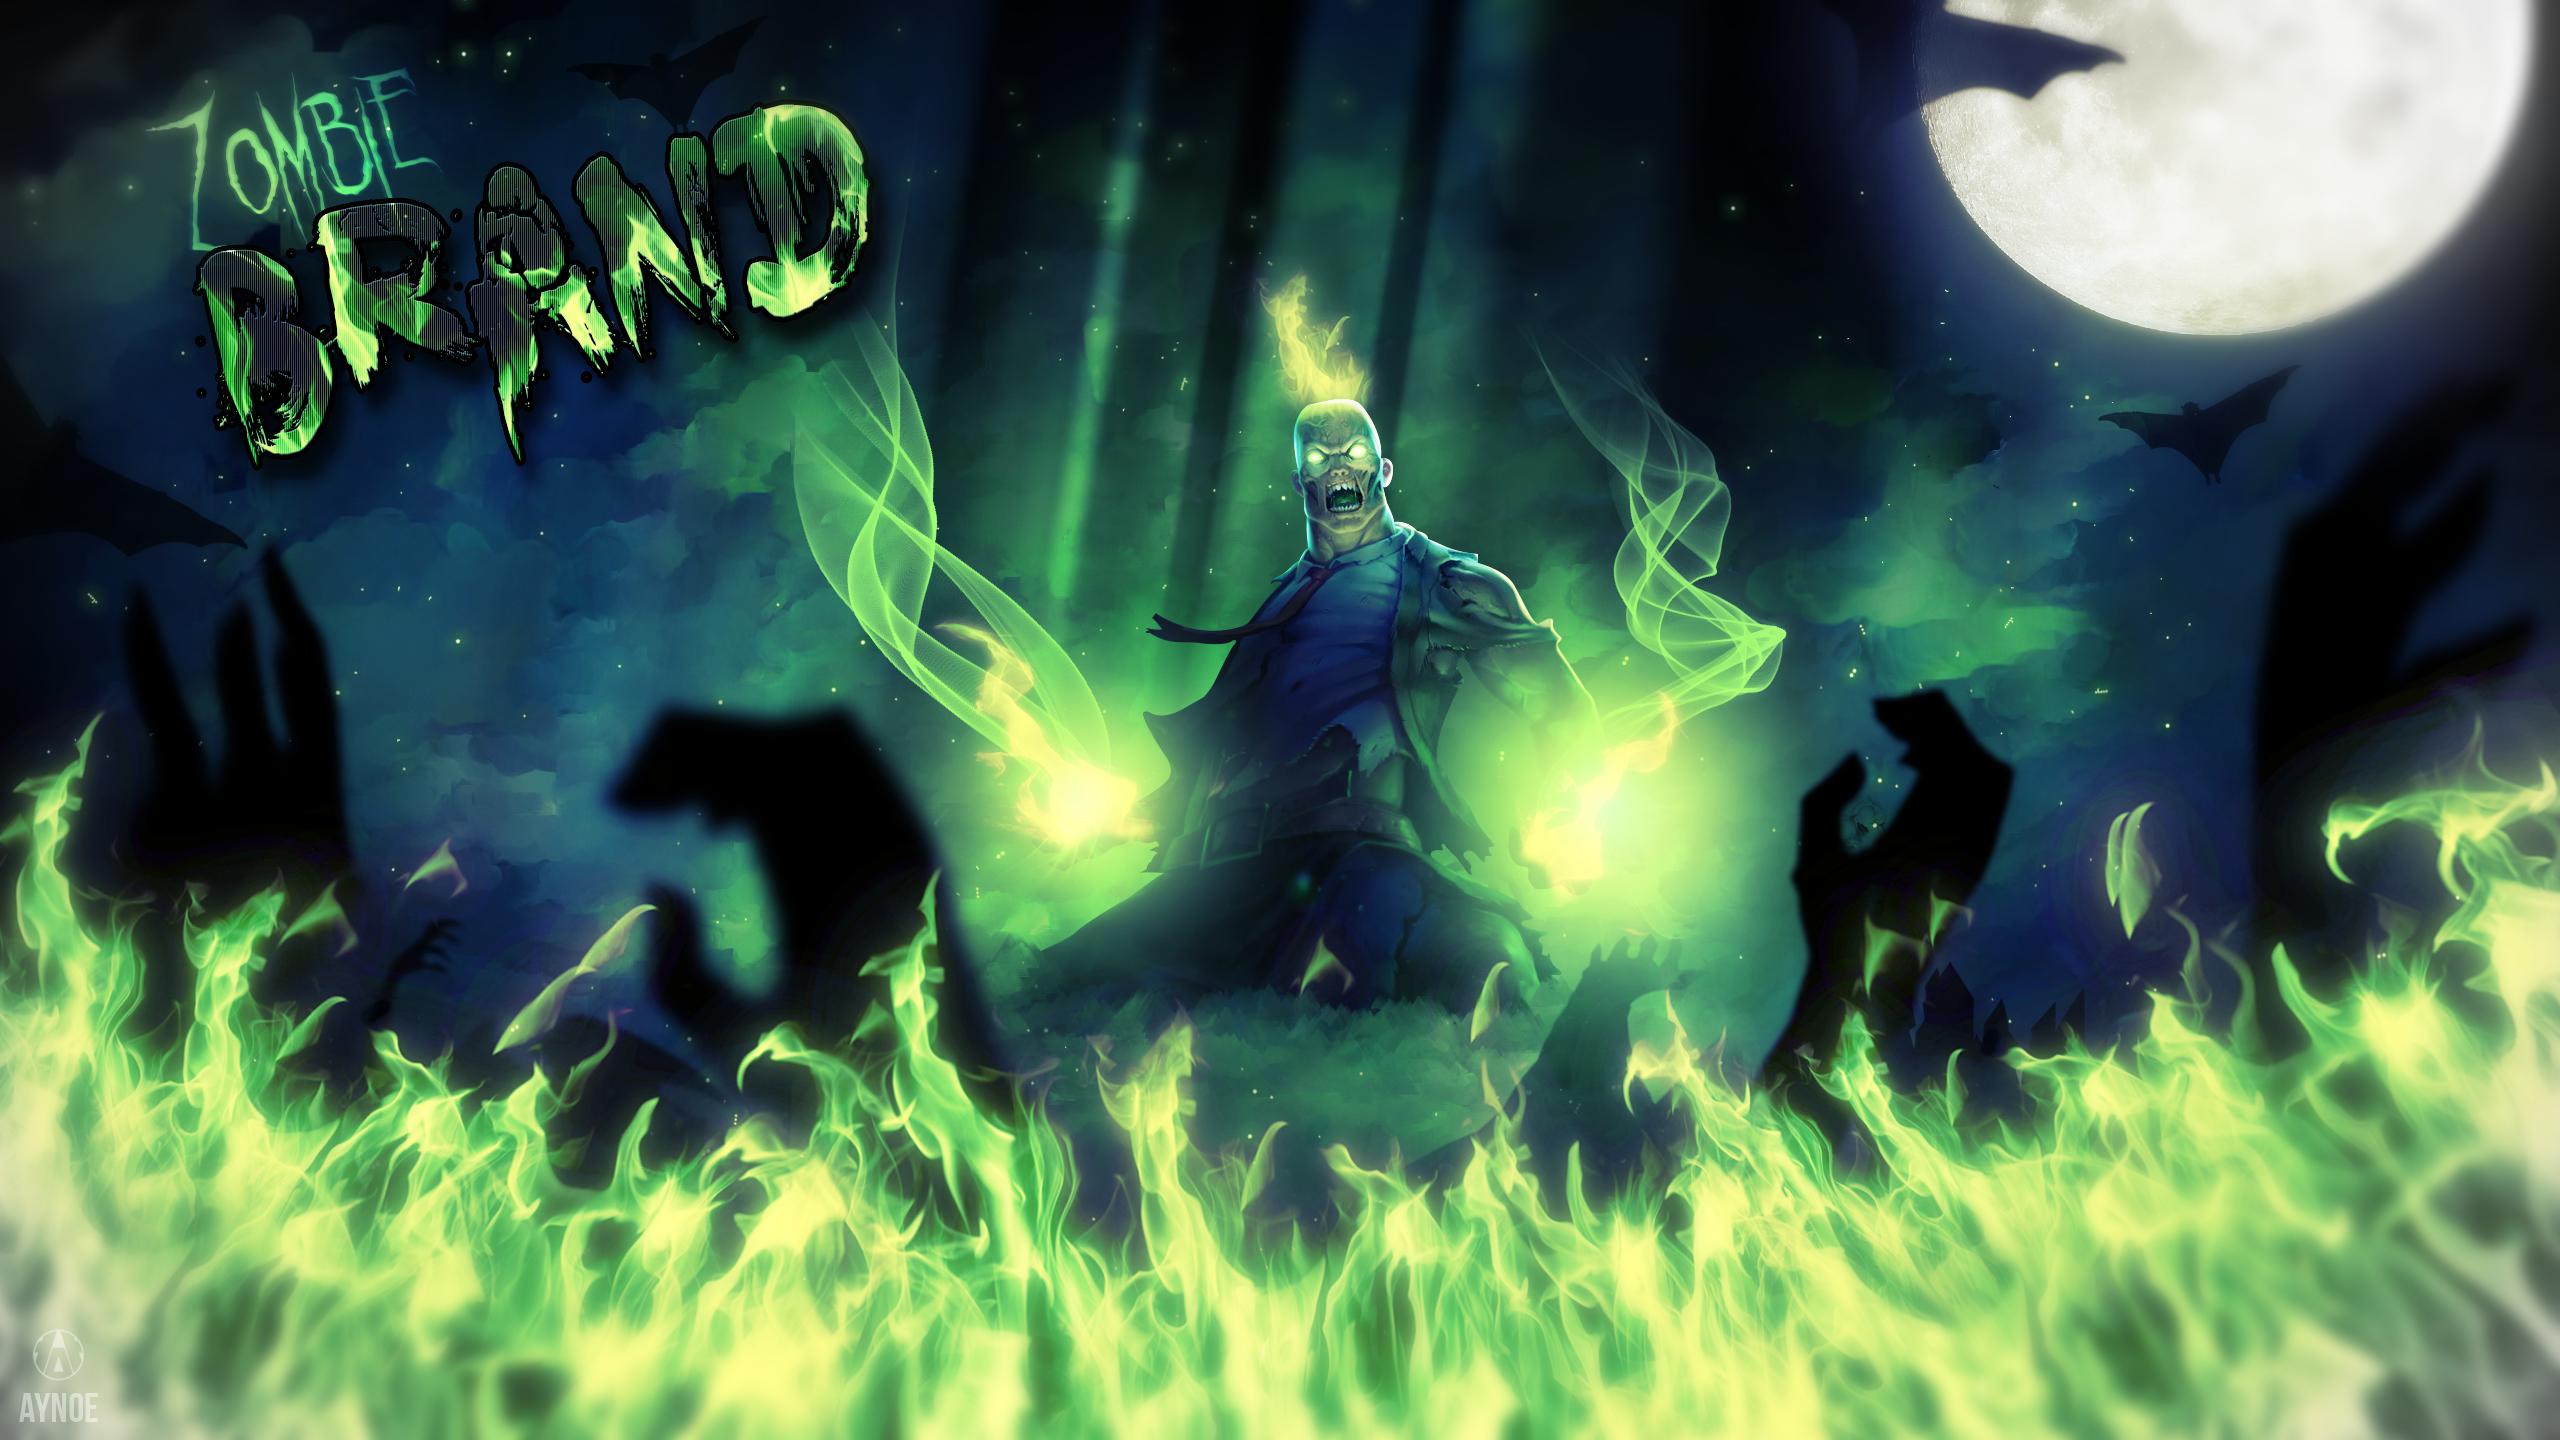 Wallpaper HD - Zombie Brand - League of Legends by Aynoe ...